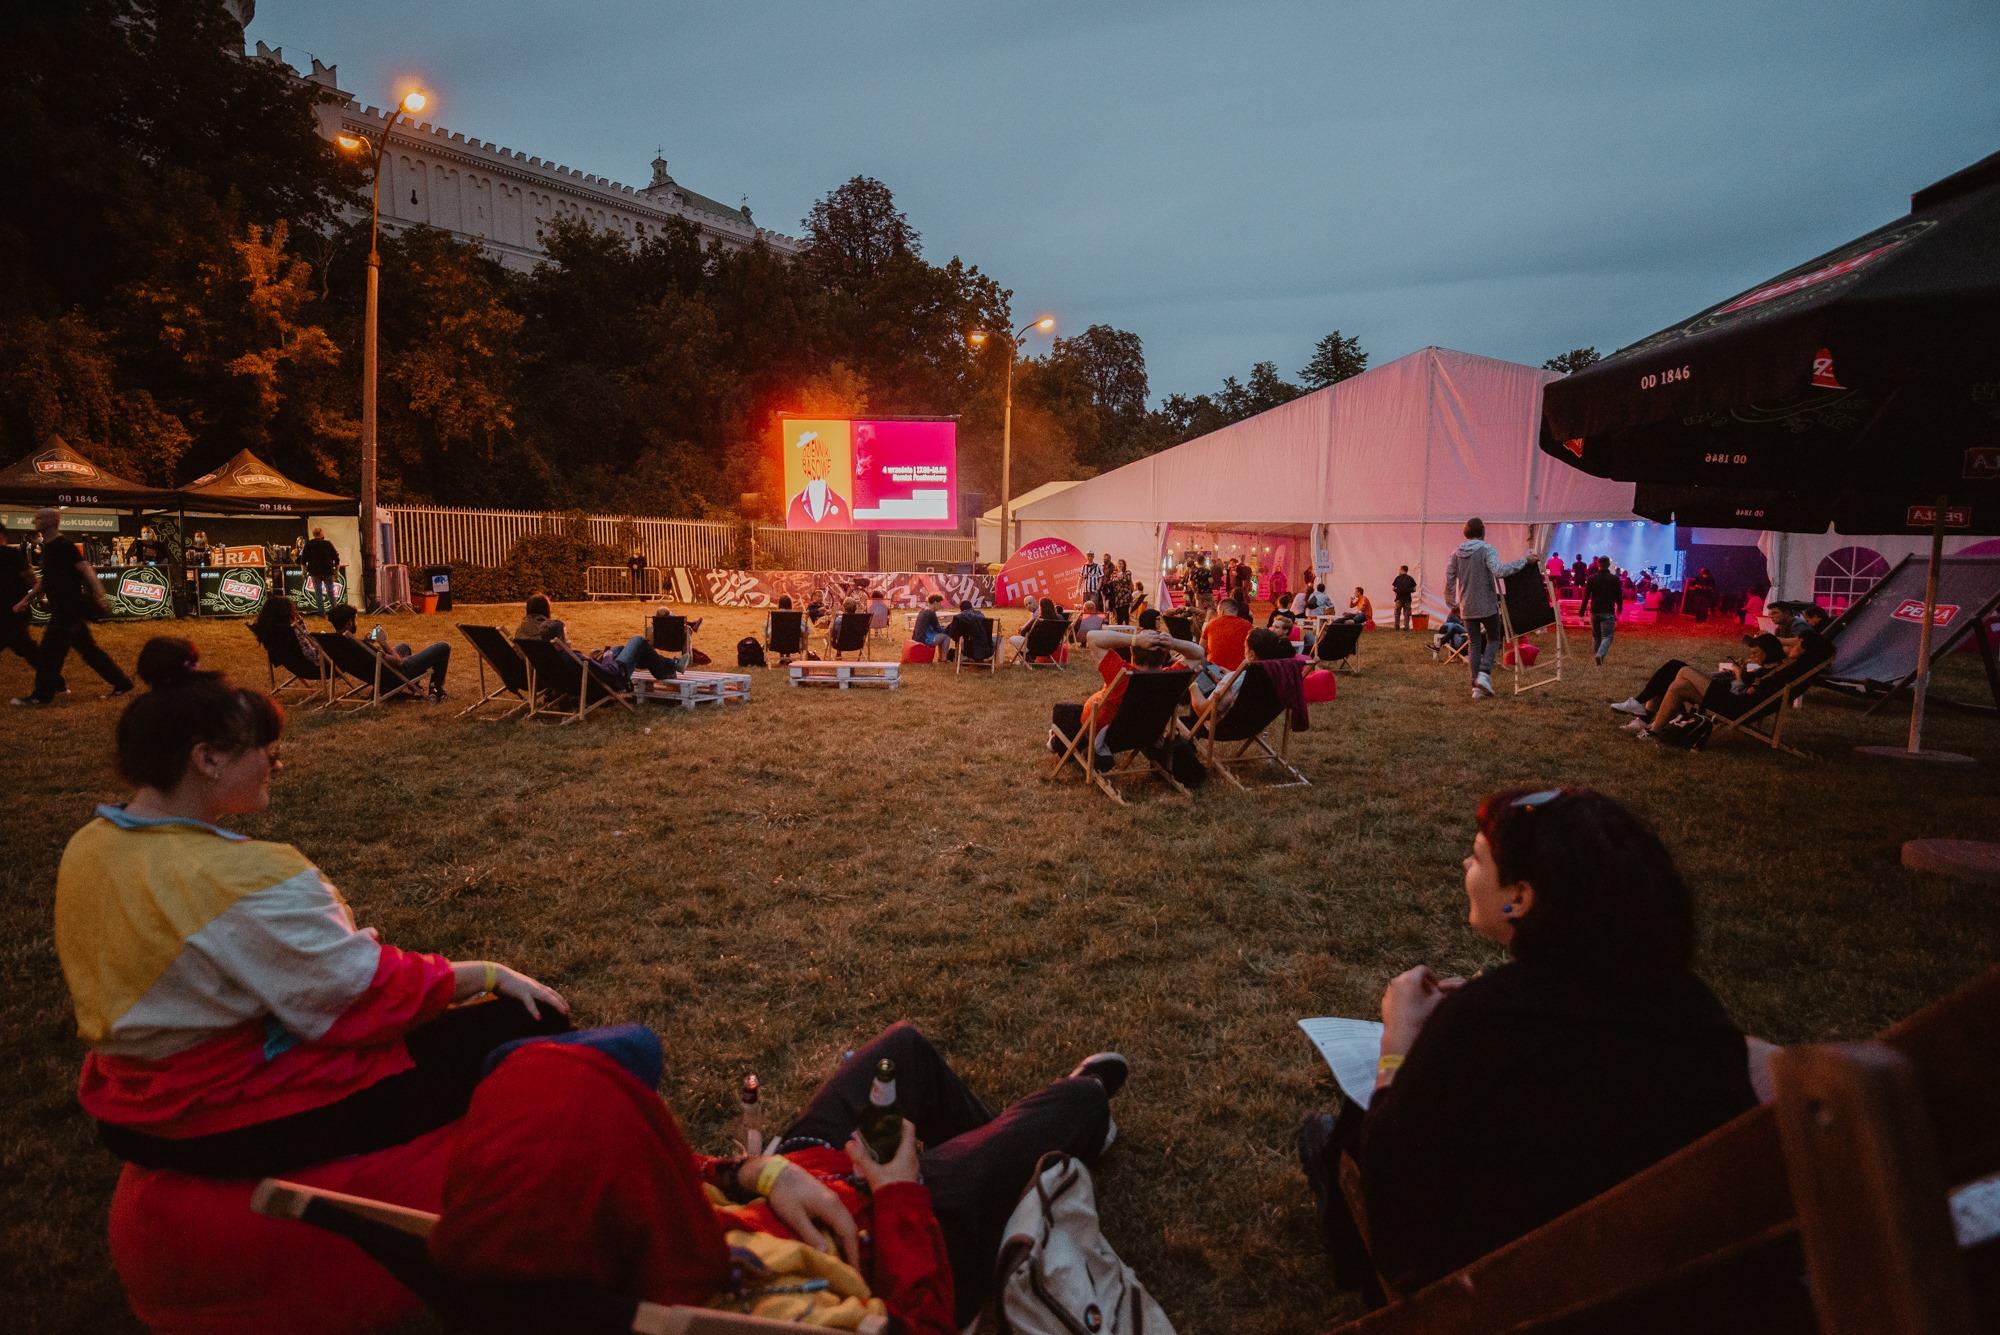 [Zdjęcie przedstawia obszar Klubu Festiwalowego. Jest to wydzielona strefa na świeżym powietrzu na Błoniach pod Zamkiem w Lublinie.  Na zdjęciu znajdują się ludzie siedzący na leżakach. Wszyscy zwróceni są w stronę ekranu, na którym wyświetlają się relacje z koncertów, które odbywają się na scenie w namiocie widocznym w tle.]